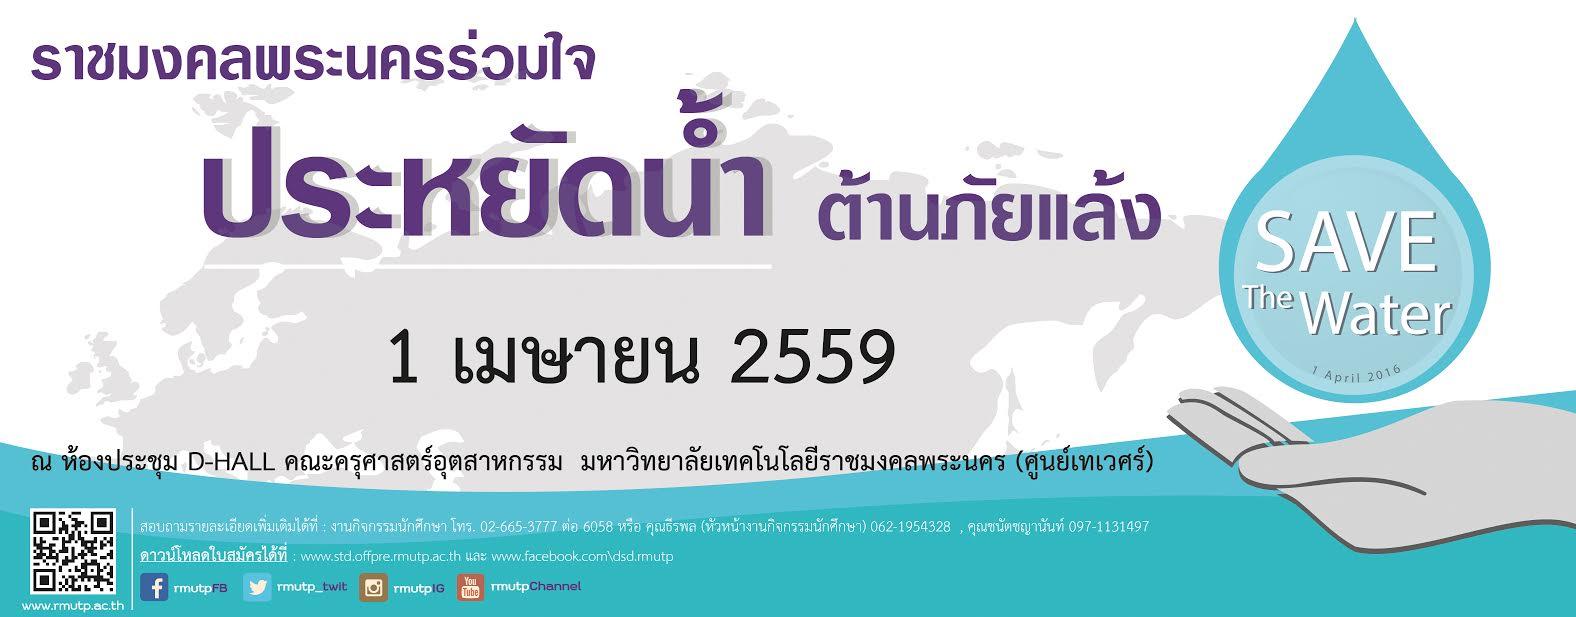 a7ae6bd5-d279-4df8-8223-0b405b5d6842